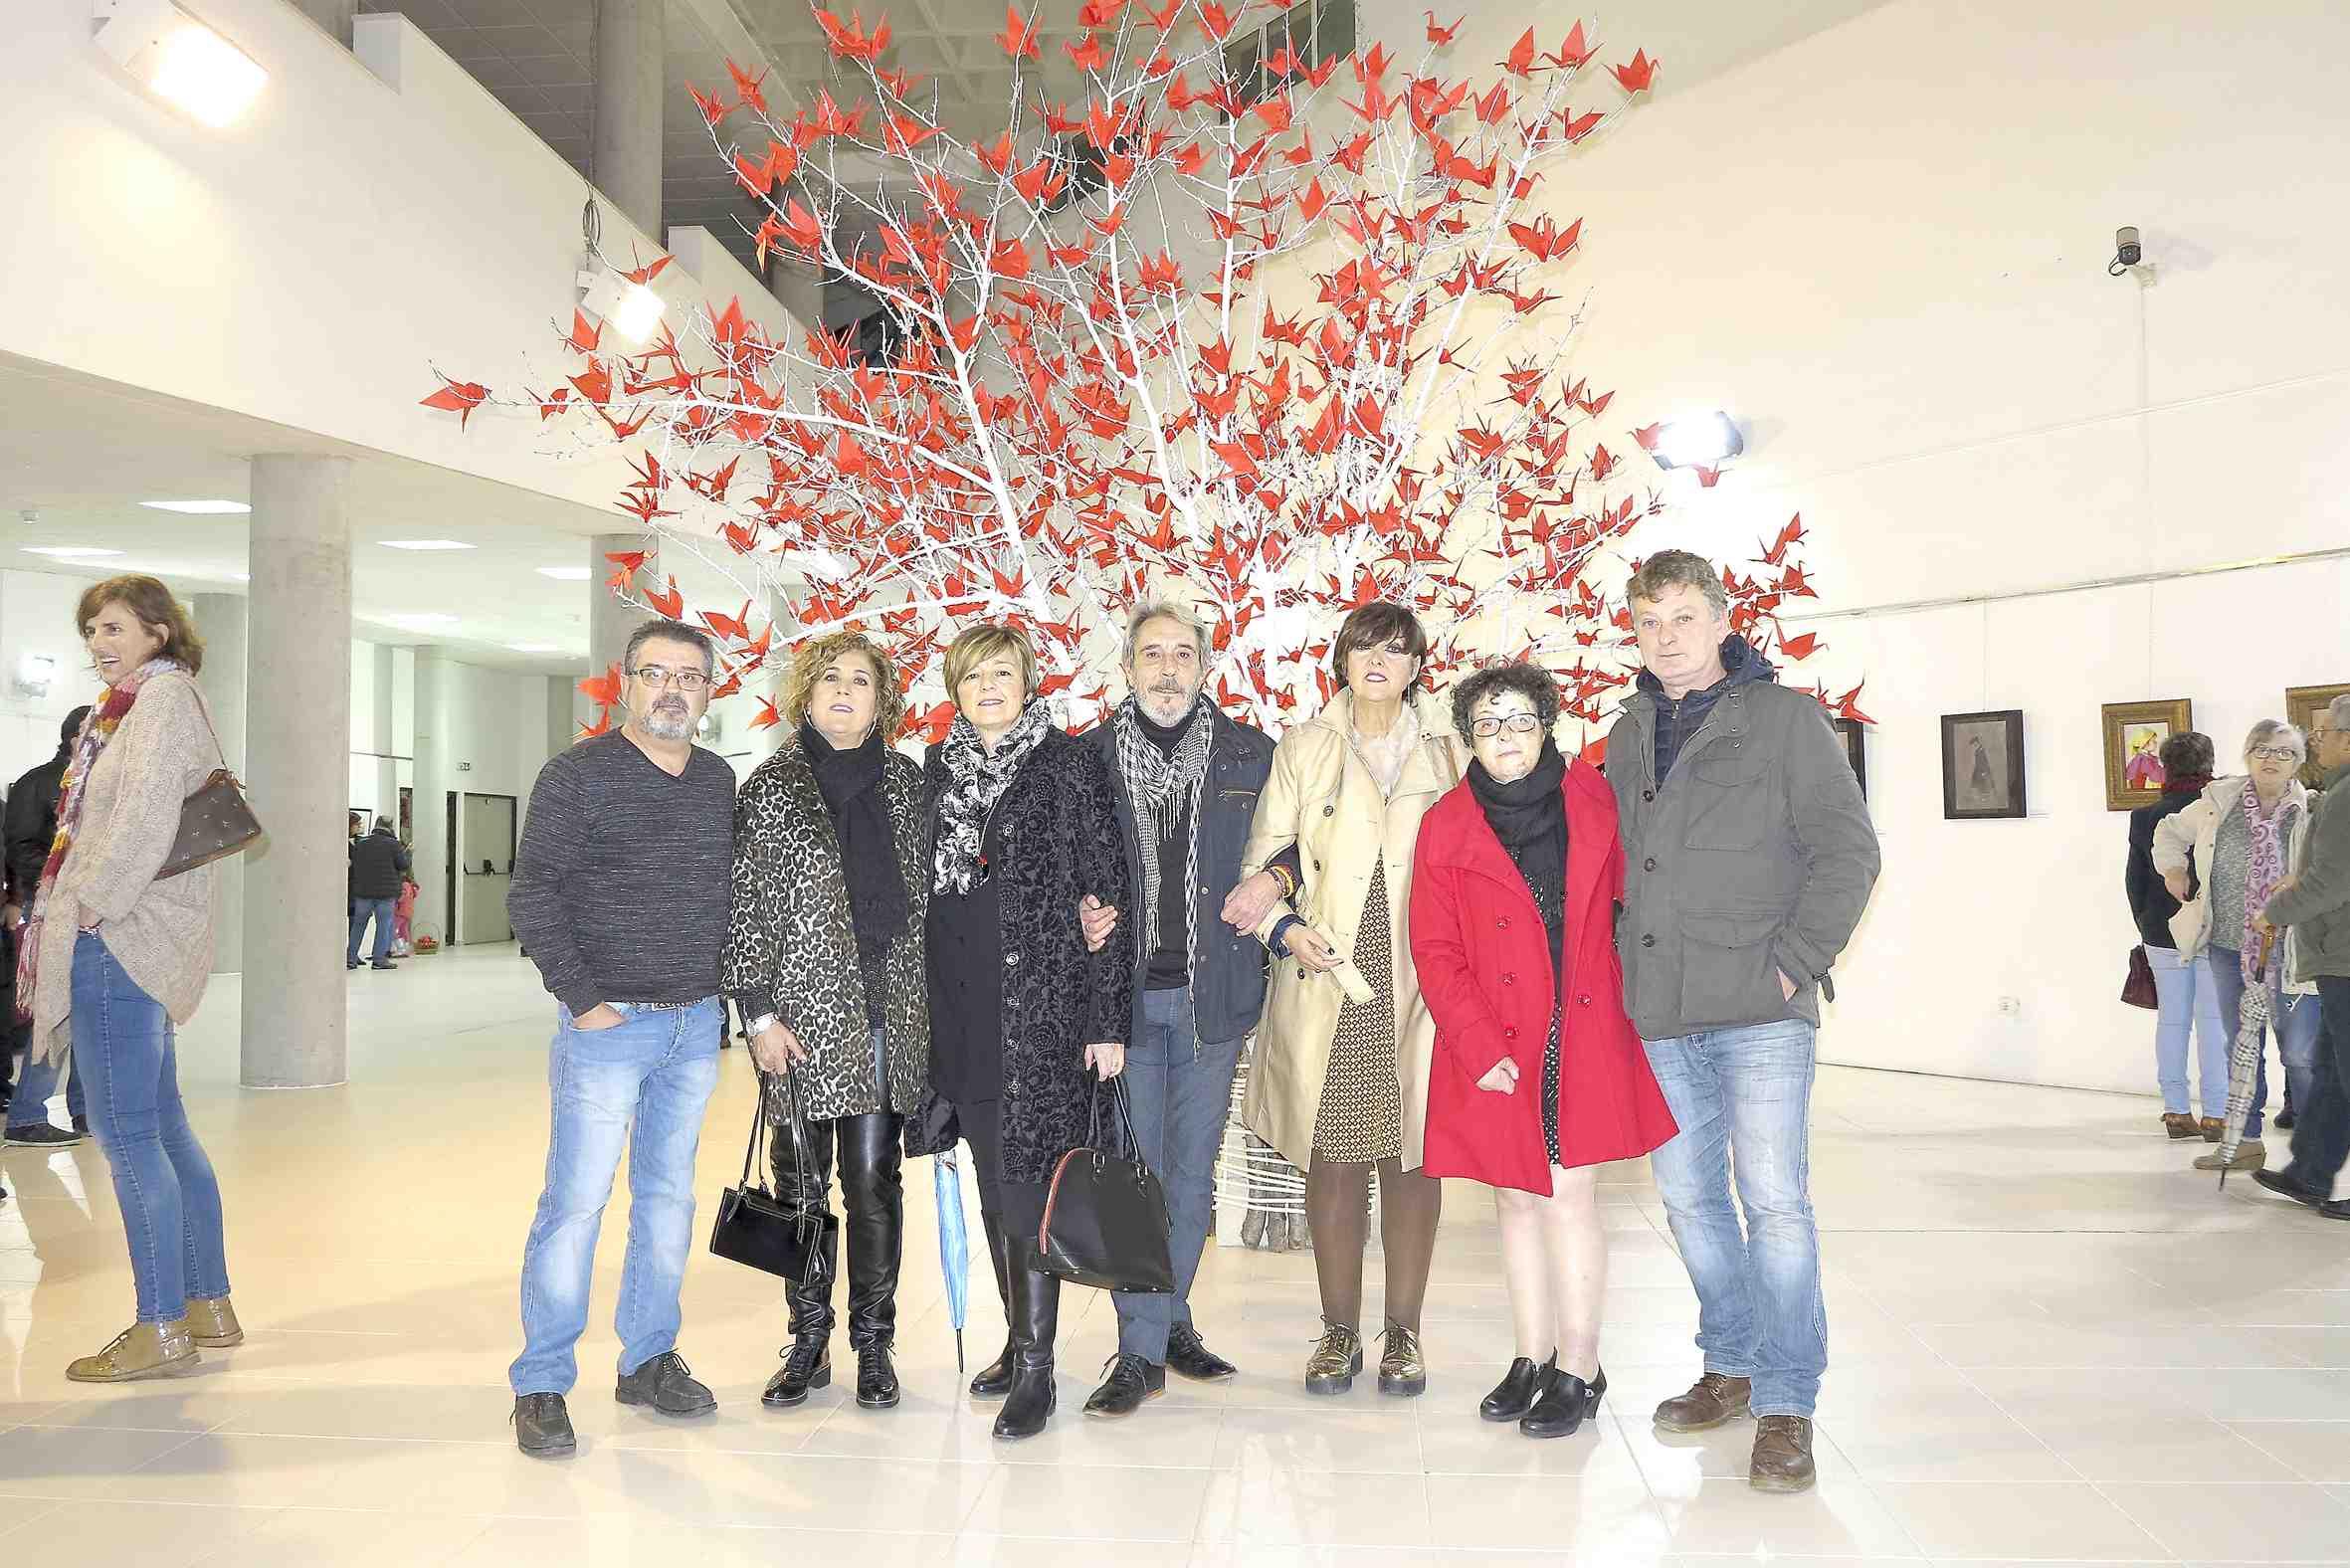 Decimocuarta muestra de artes plásticas de autores locales en la Pinacoteca de Onil